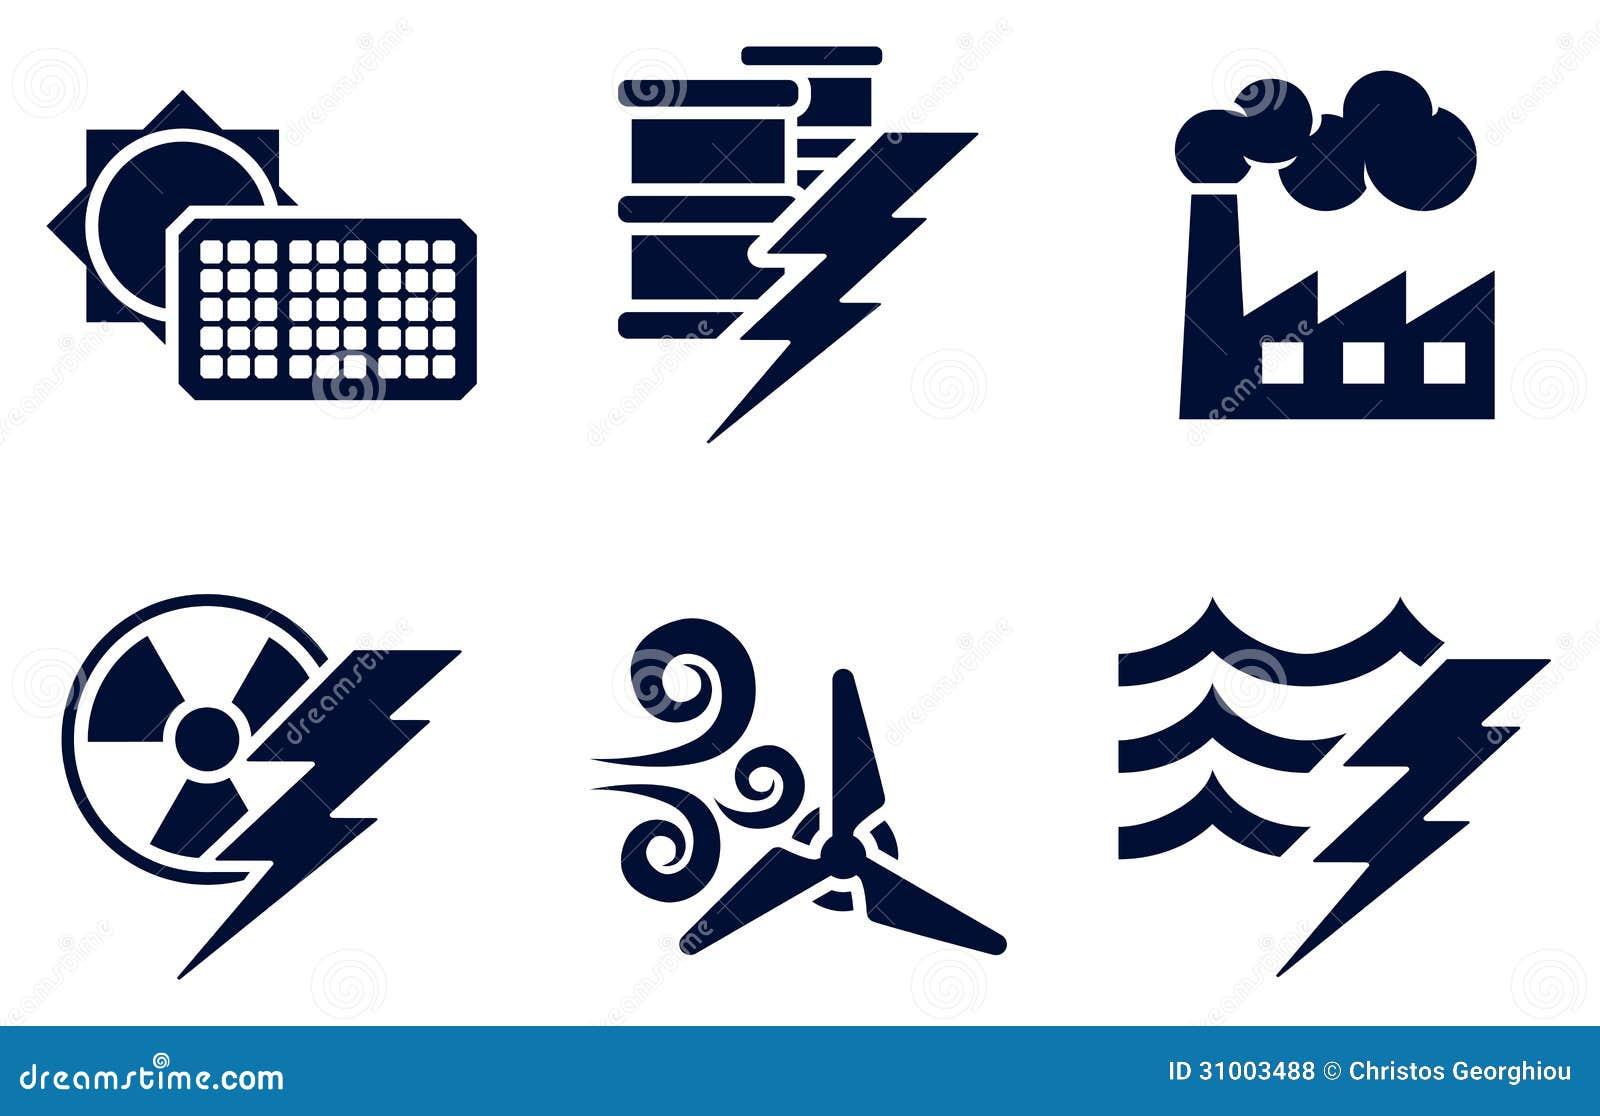 power and energy icons royalty free stock photos image clipart sunrise on a beach clipart sunrise on a beach